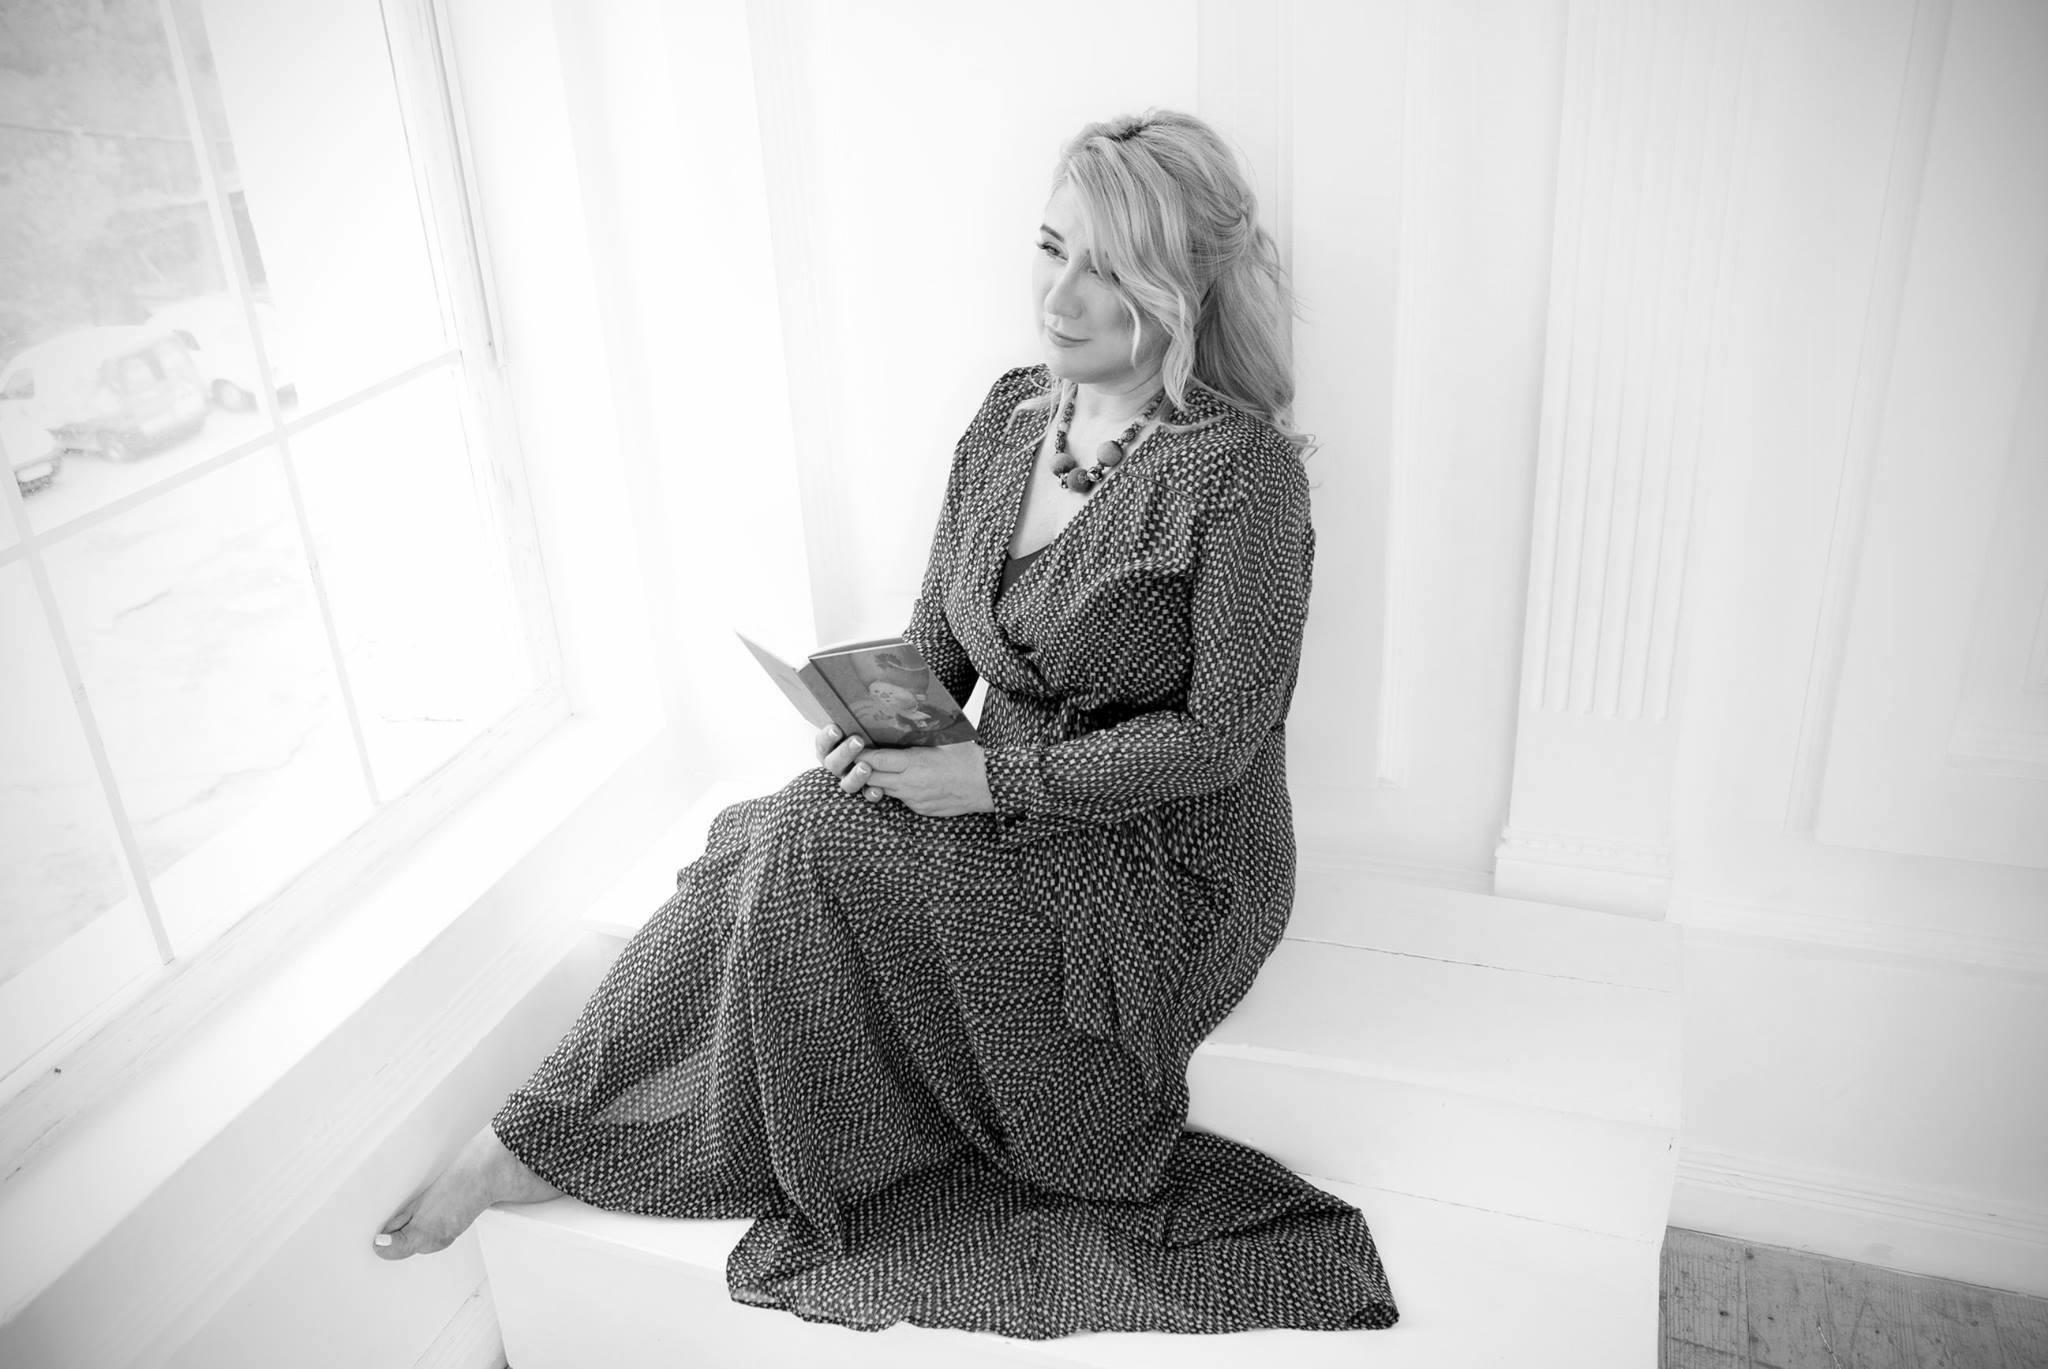 МАСТЕР МАРГАРИТА: экс-ресторатор Маргарита Сичкарь о счастье, переваренном кофе и мастер-классе длиною в жизнь